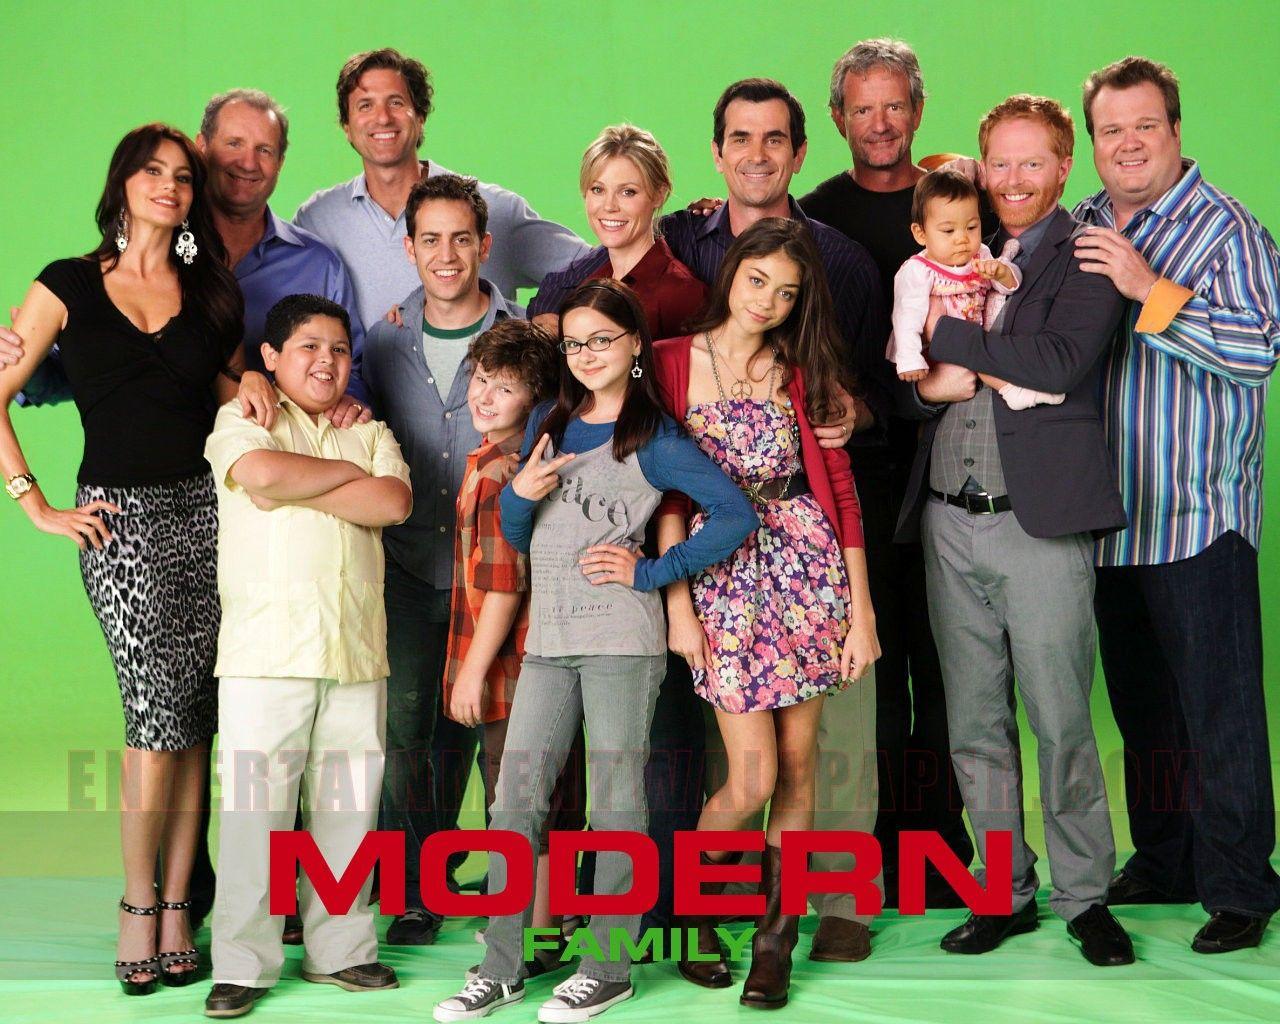 Http Www Entertainmentwallpaper Com Images Desktops Movie Tv Modern Family11 Jpg Modern Family Family Tv Series Family Tv